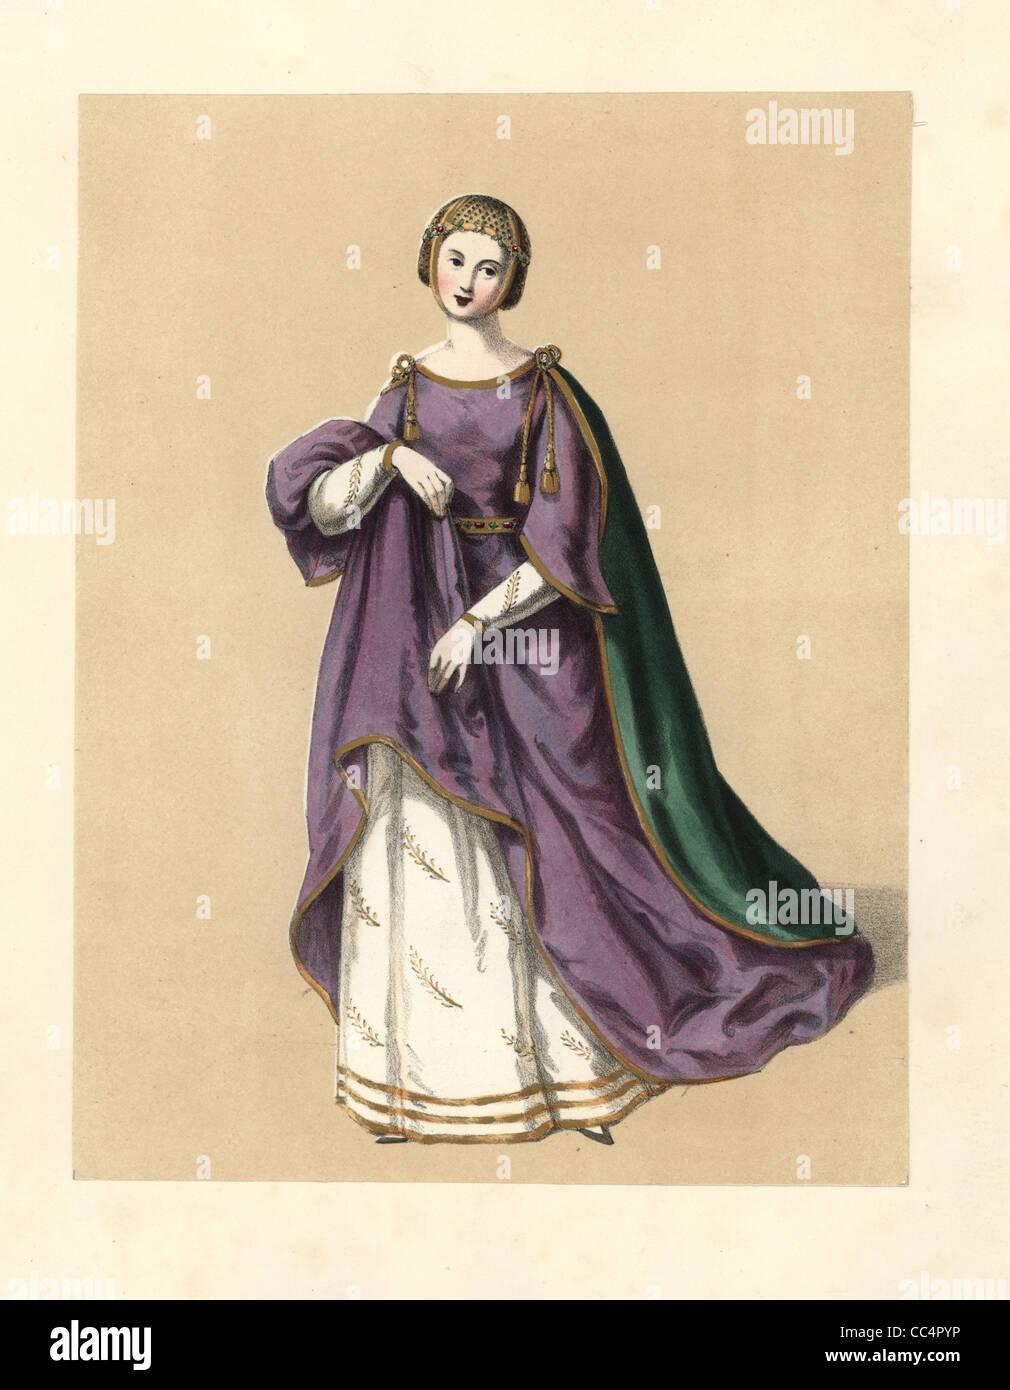 Kleid der Herrschaft von König Edward i. Longshanks. Stockbild